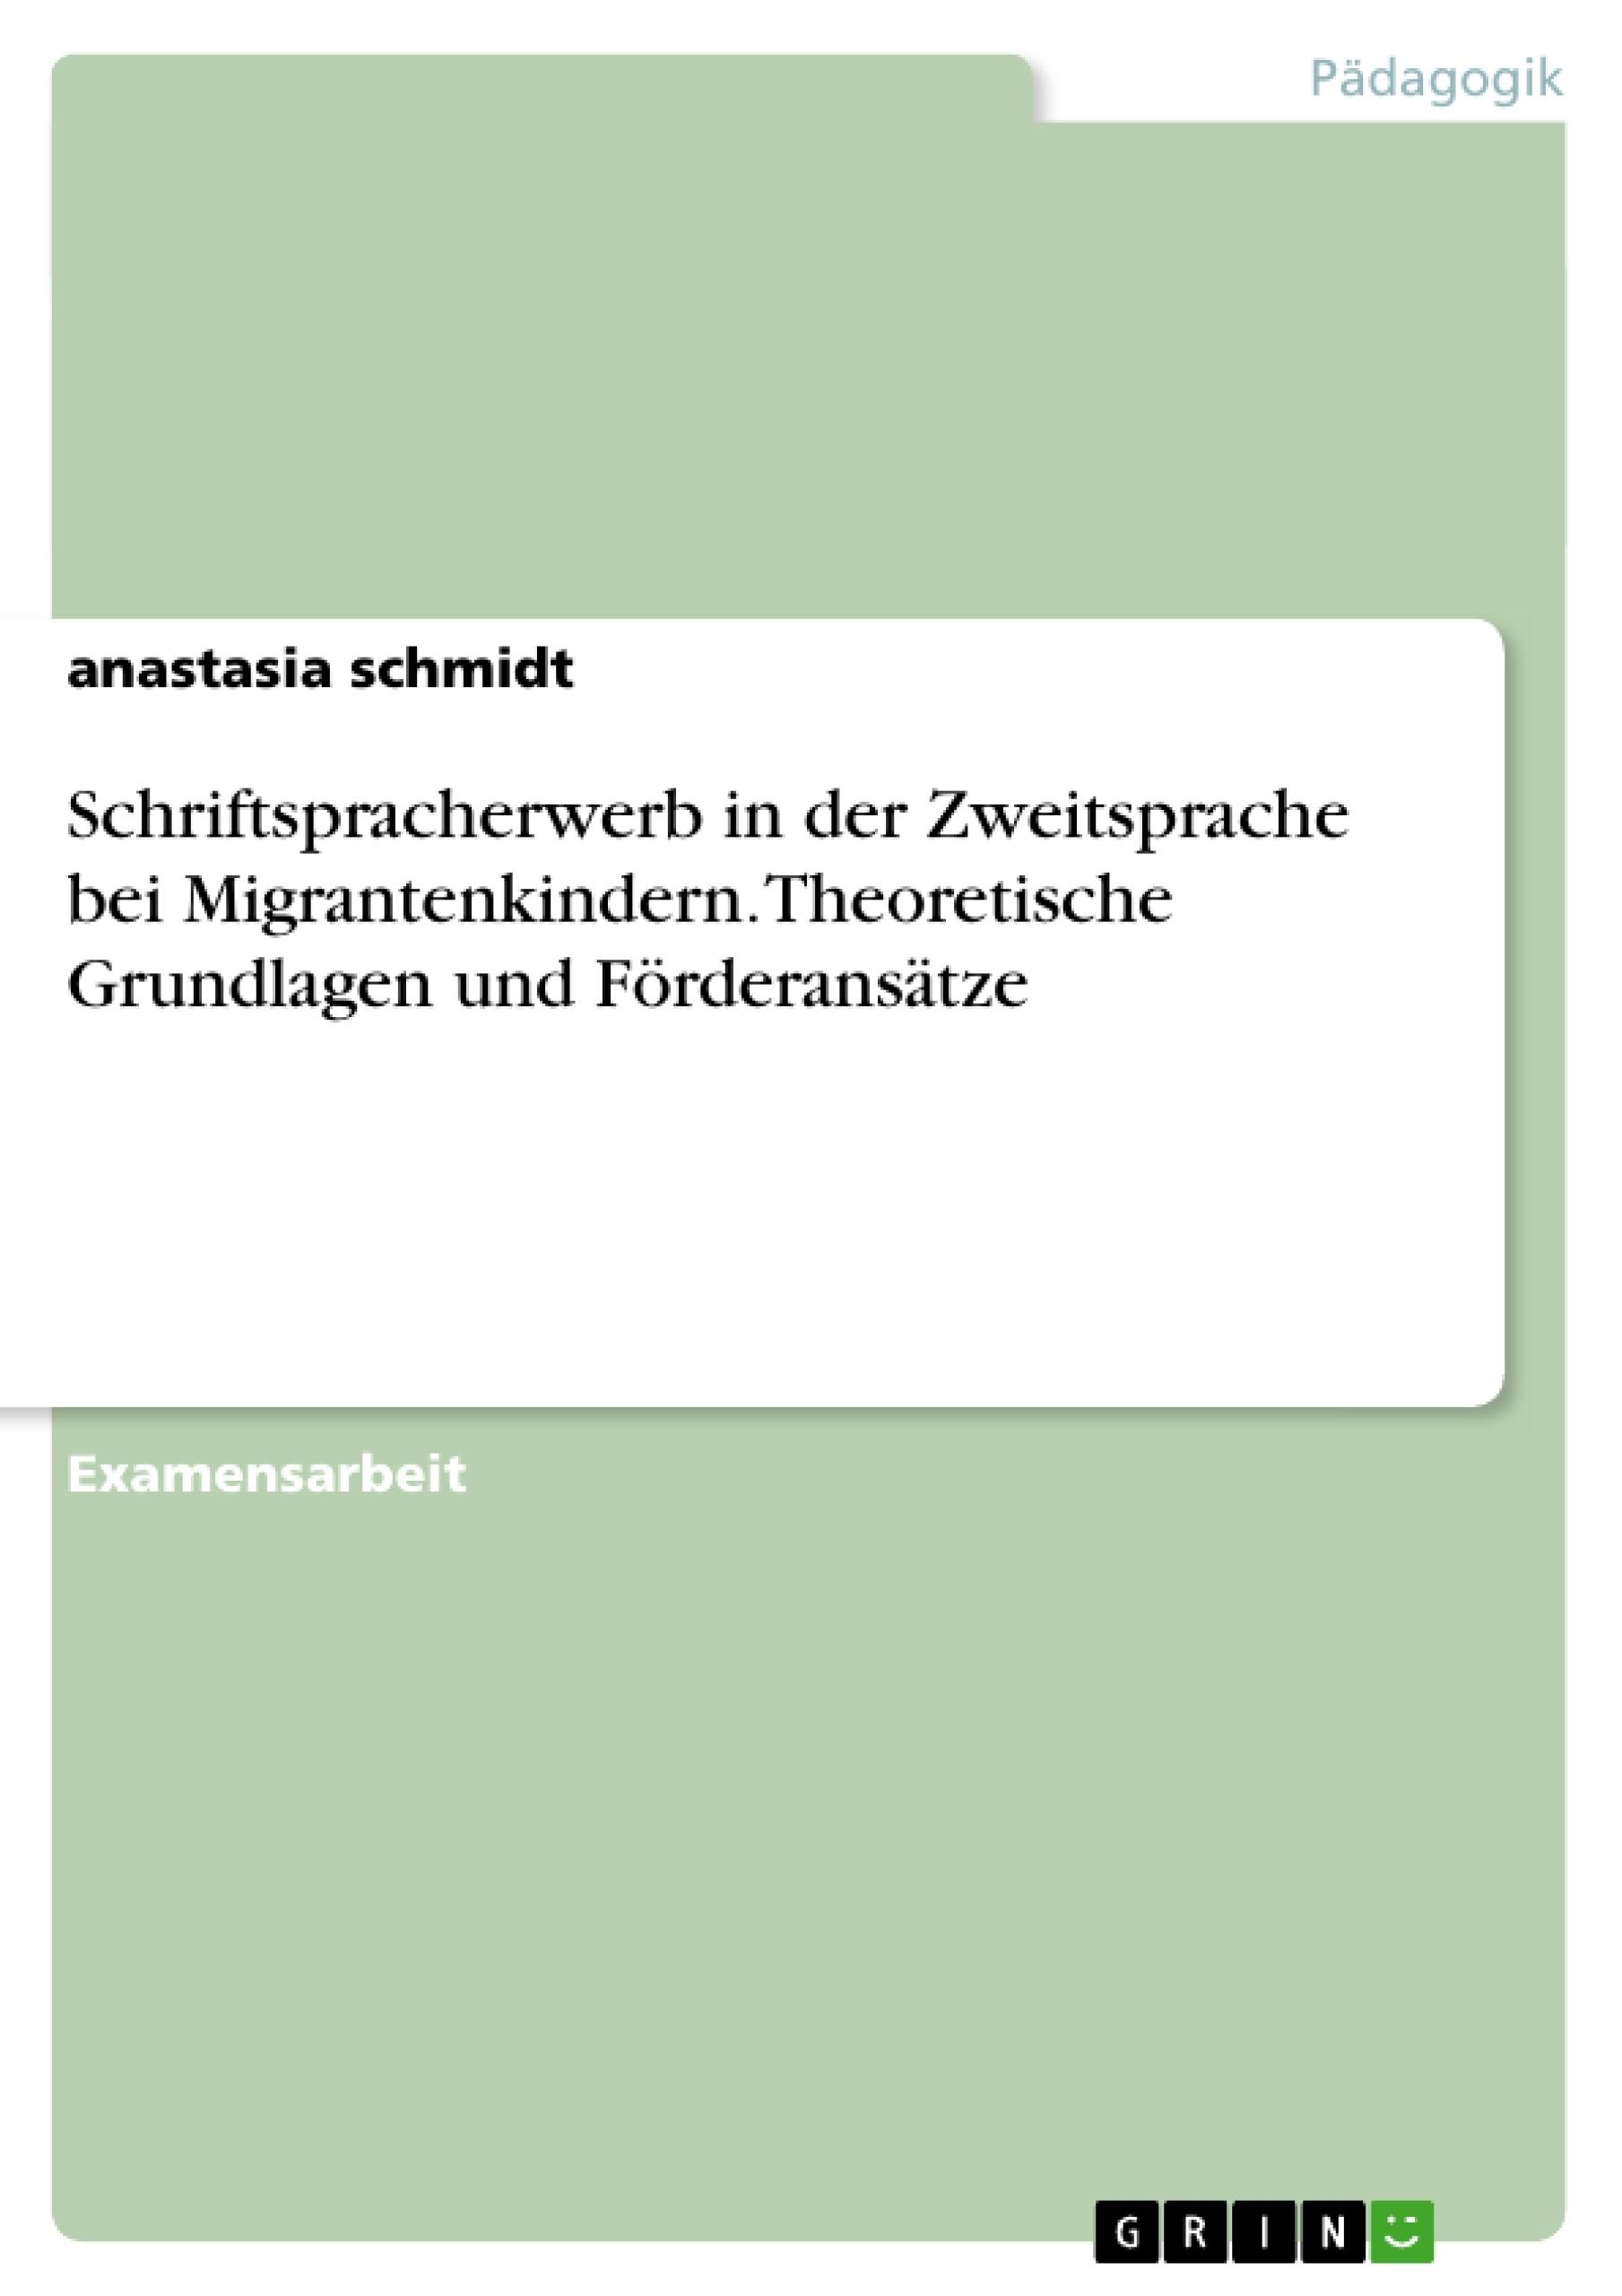 Titel: Schriftspracherwerb in der Zweitsprache bei Migrantenkindern. Theoretische Grundlagen und Förderansätze